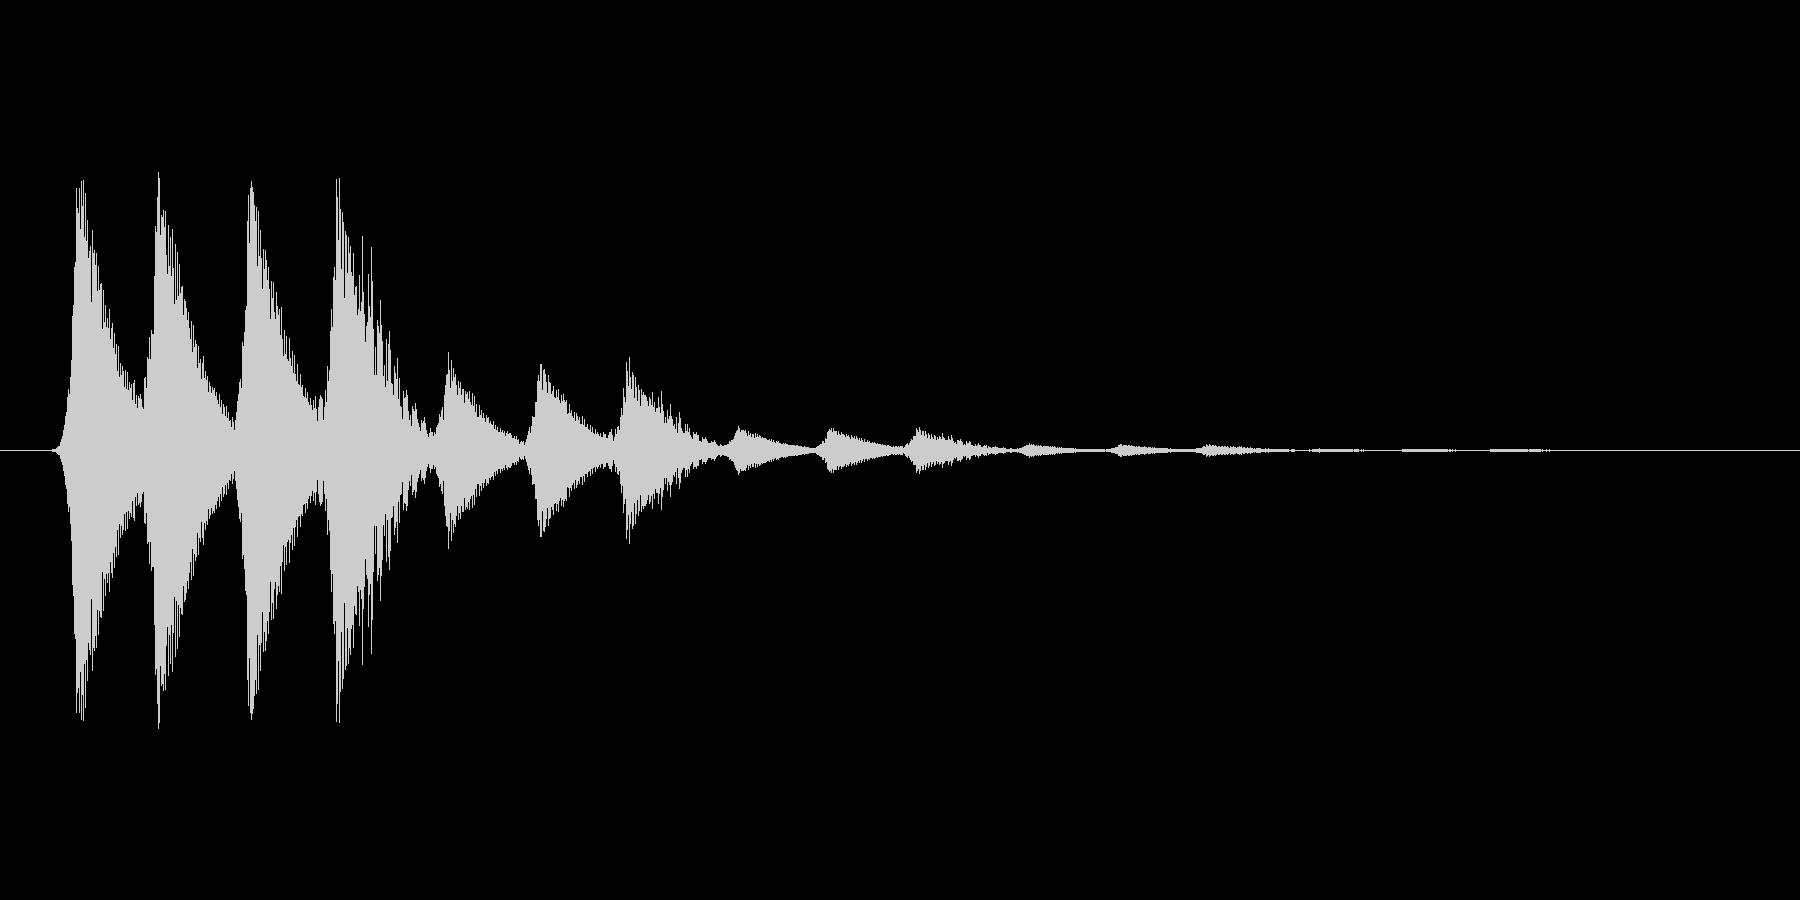 ファミコン風効果音 キャンセル系 10の未再生の波形